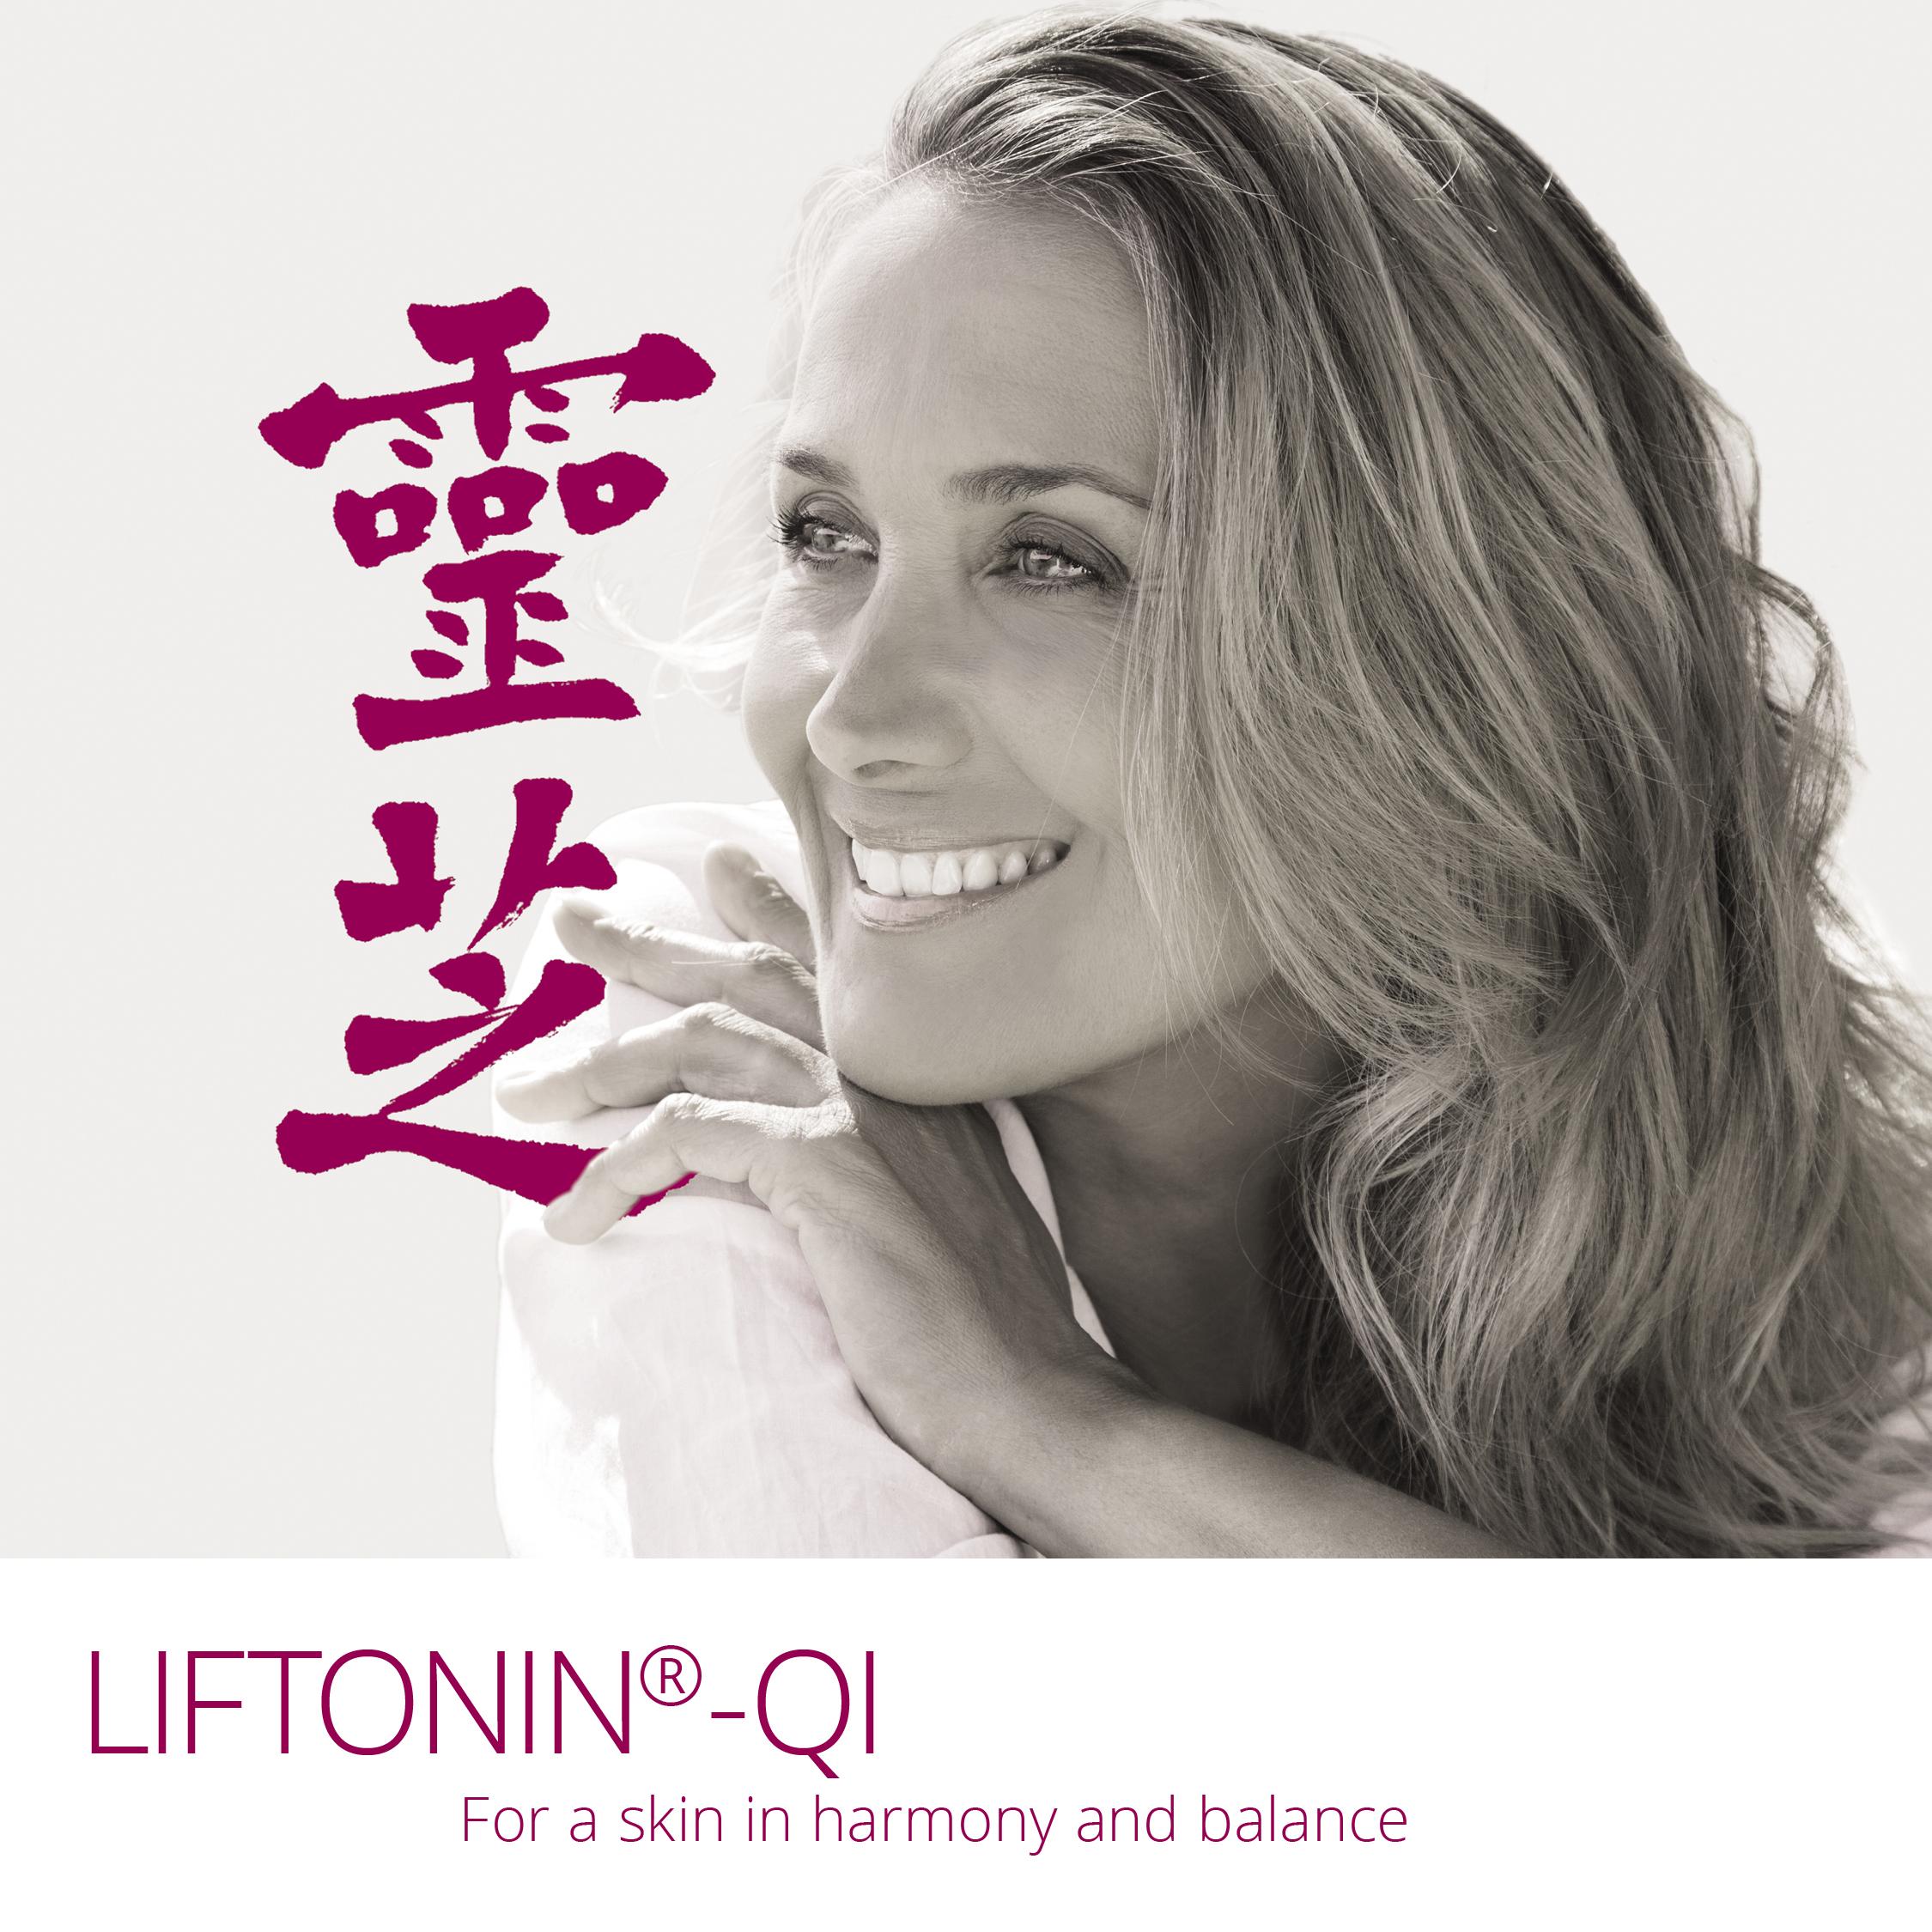 LIFTONIN®-QI